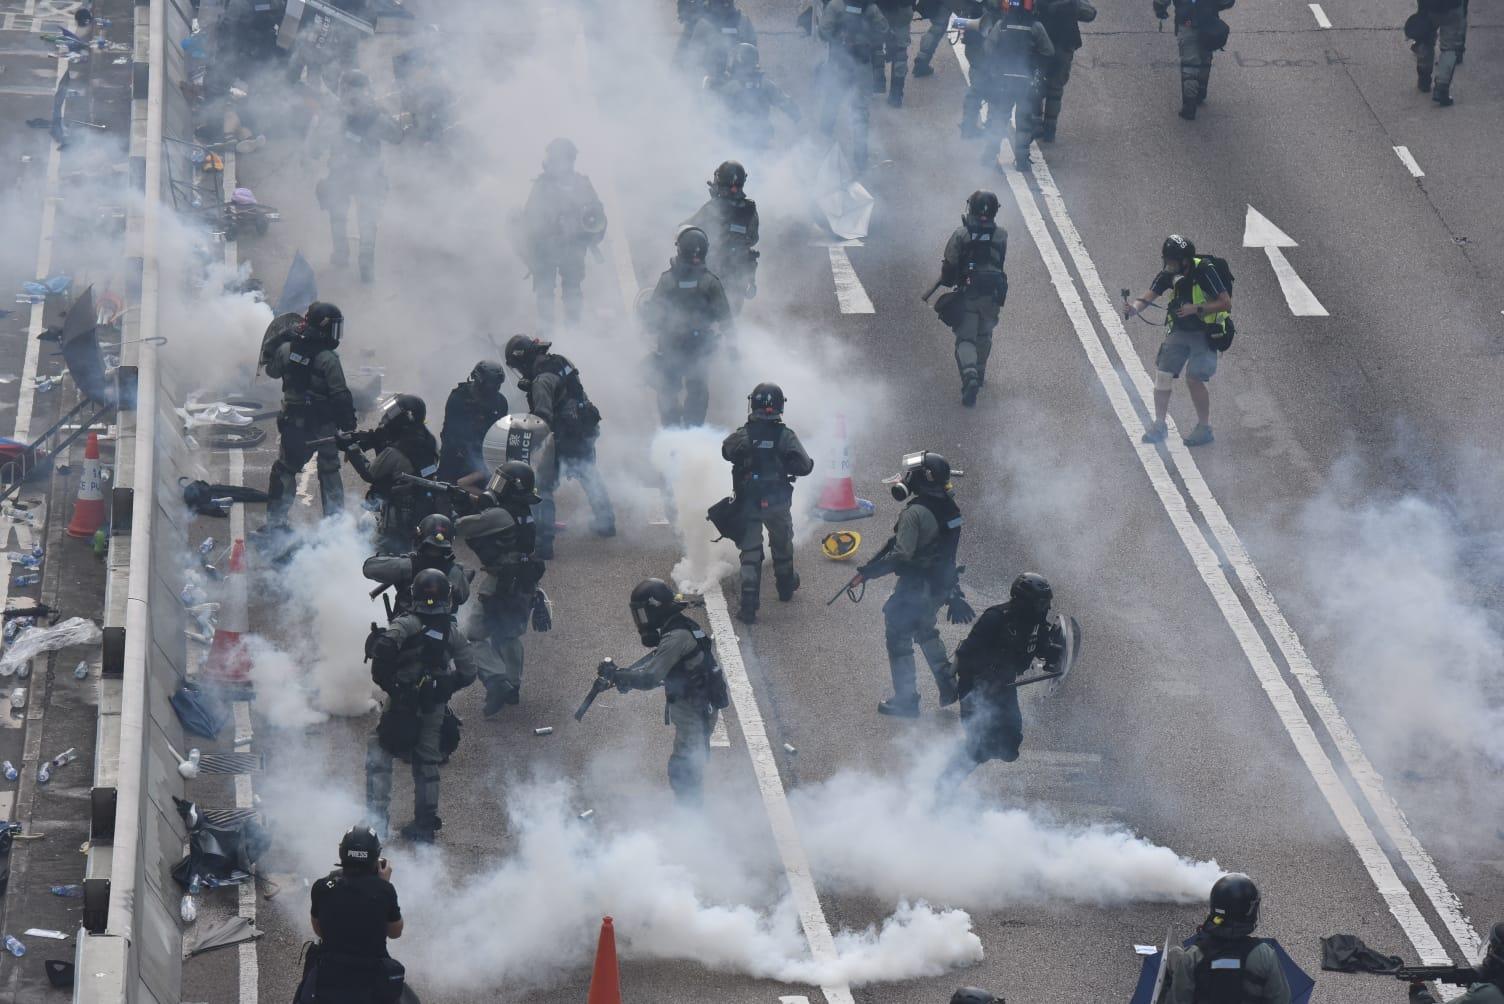 陳肇始承認未掌握警方使用催淚彈成分。資料圖片